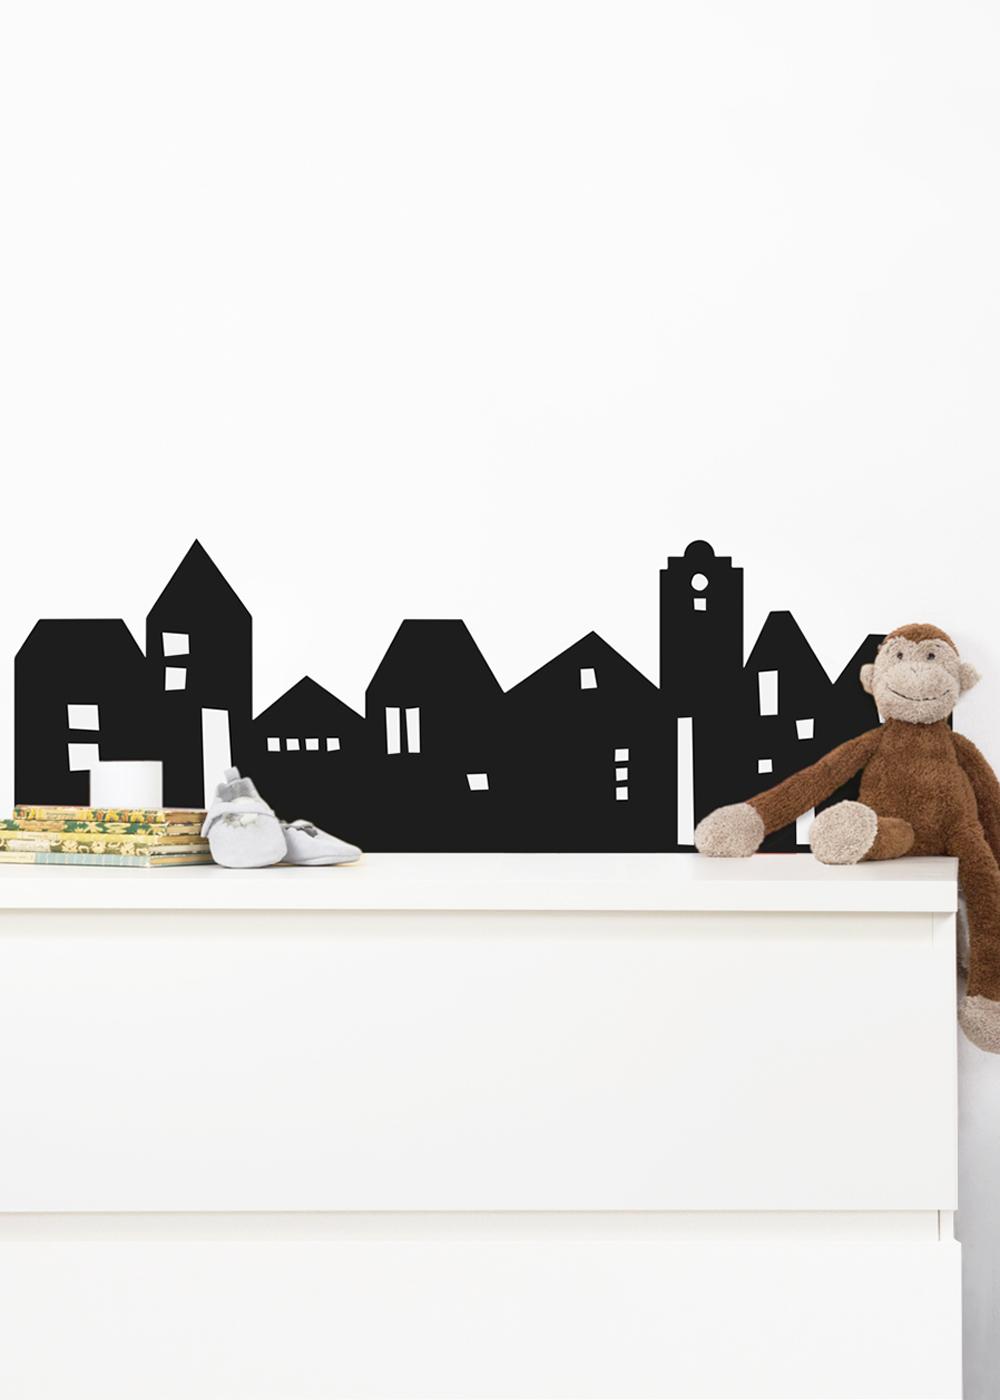 Ikea Mansarp Bilderleiste Lille Hus schwarz Gesamtansicht